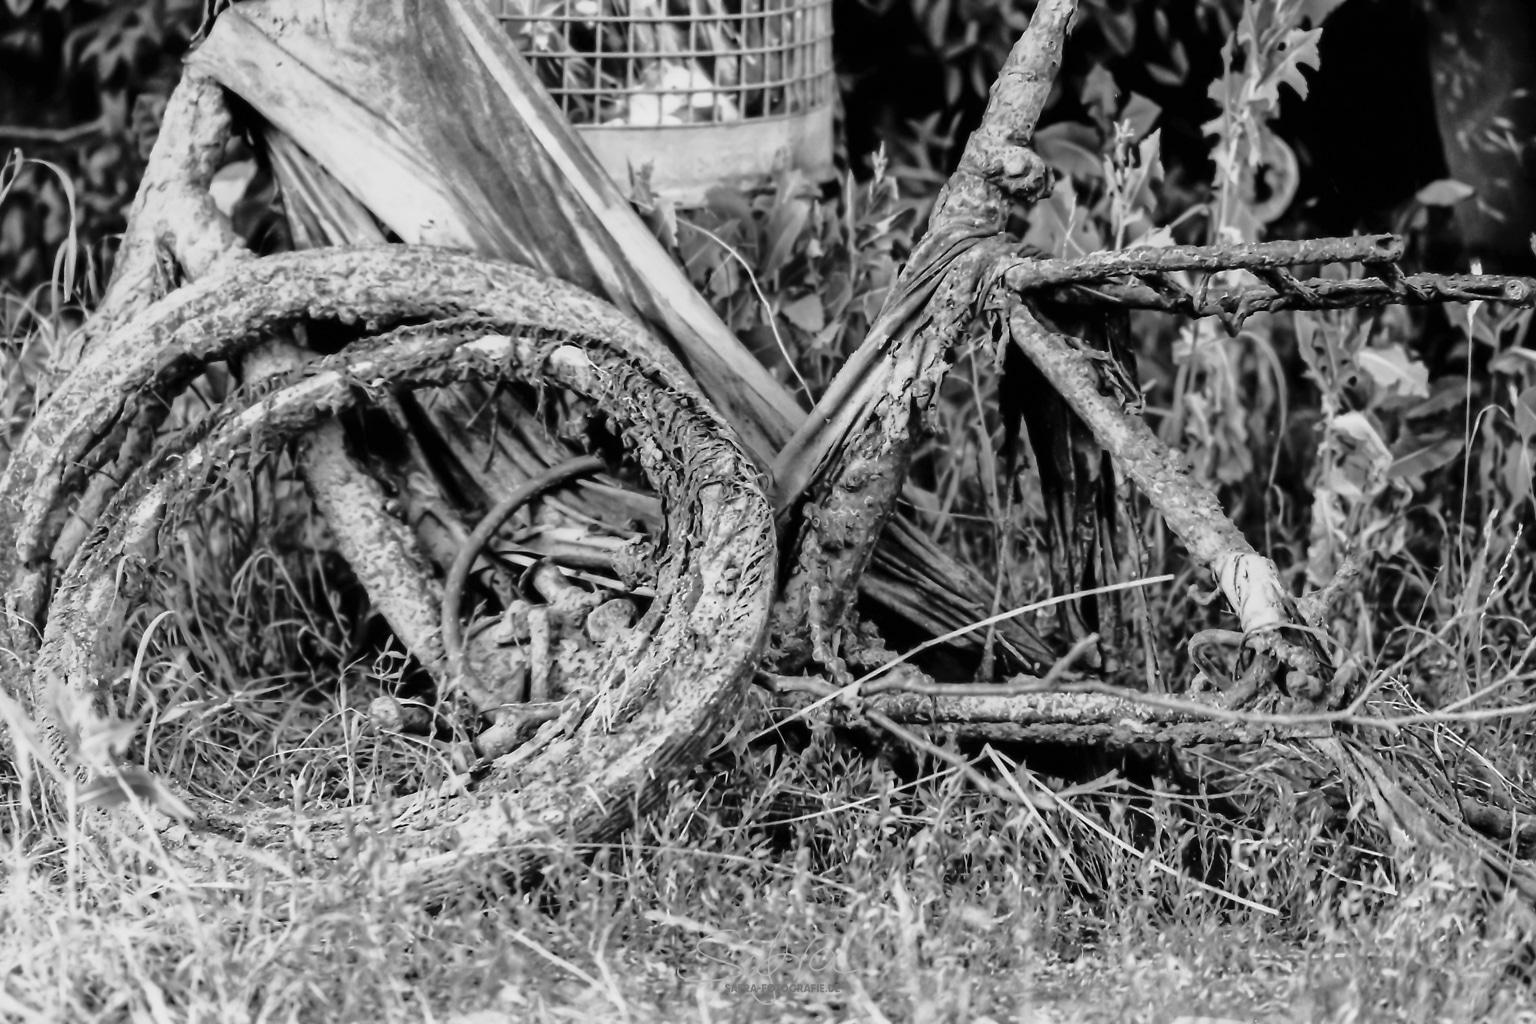 Aus dem Bach gezogenes Fahrrad in Harreshausen am Wehr